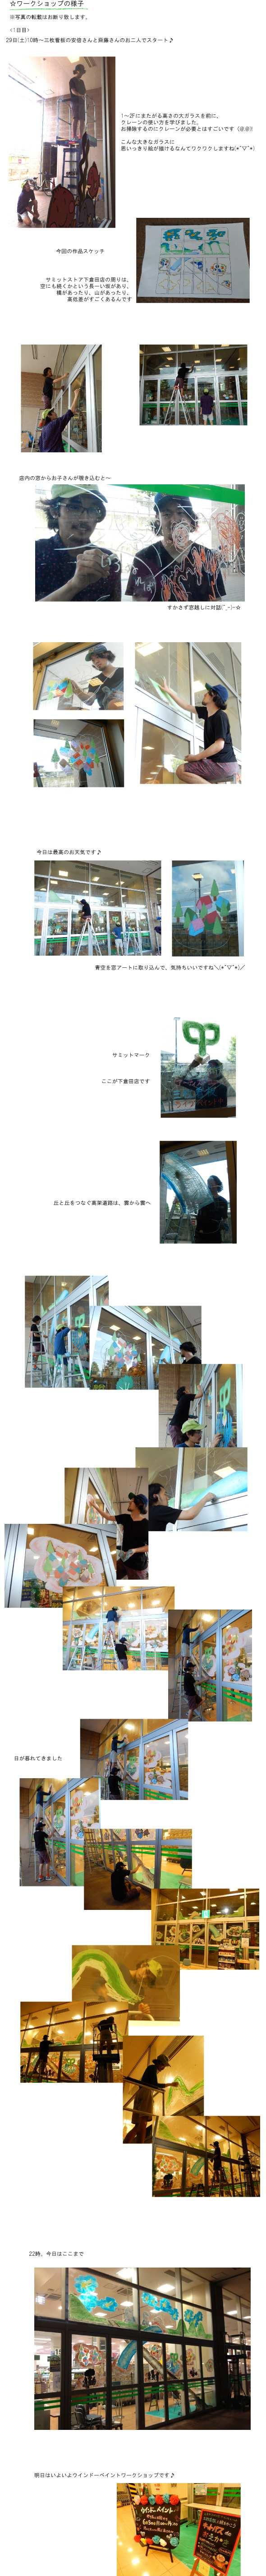 武蔵野美術大学アーティストユニット「三枚看板」ワークショップ第2弾「まどに絵をかいちゃう!?ウインドーペイント大会」@サミットストア下倉田店(2013年6月30日)